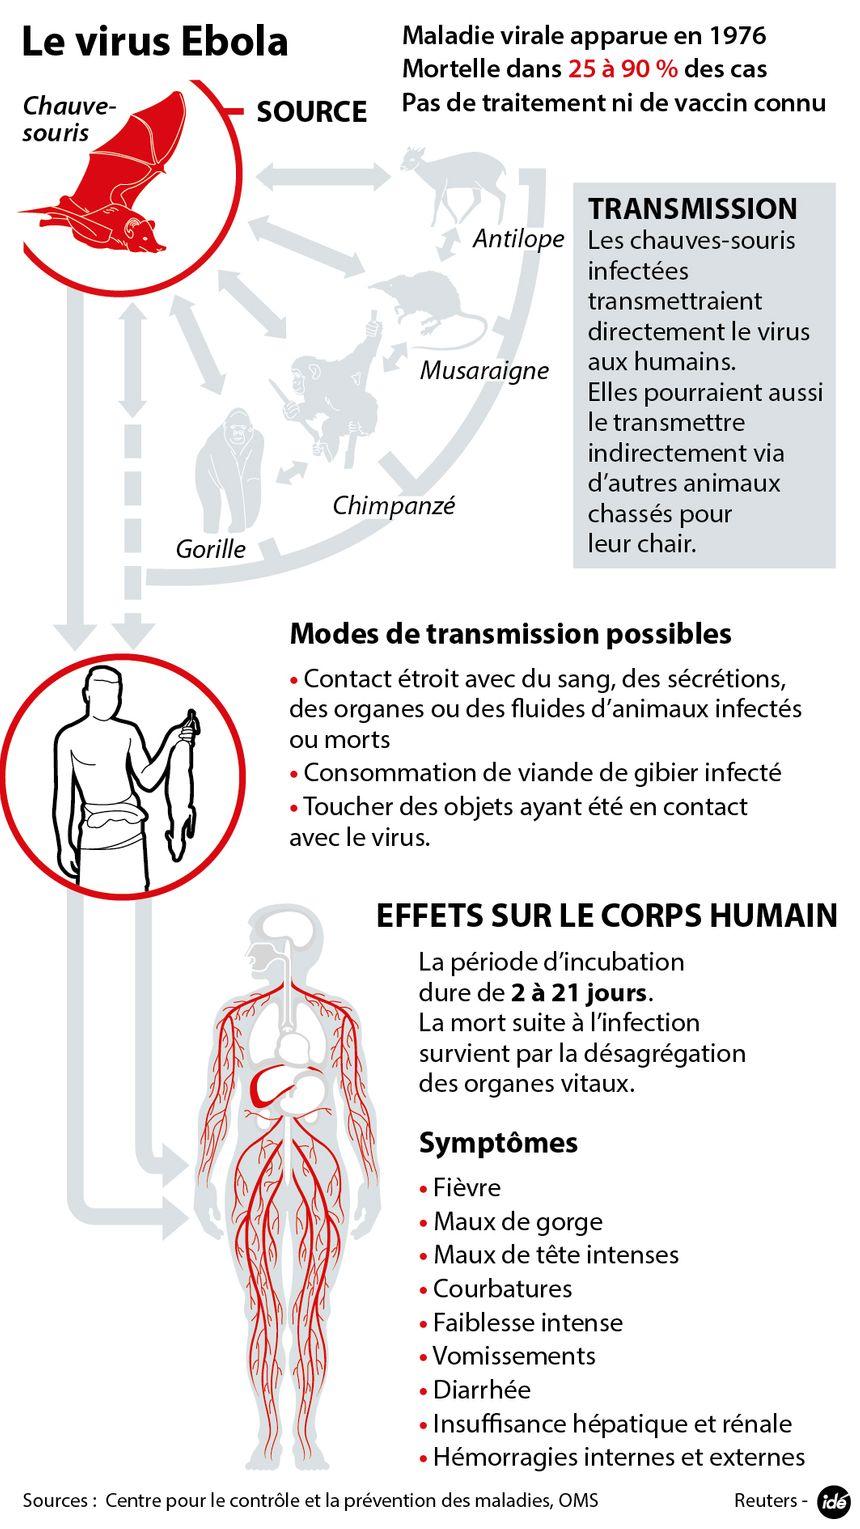 Le virus Ebola, sa transmission, ses effets